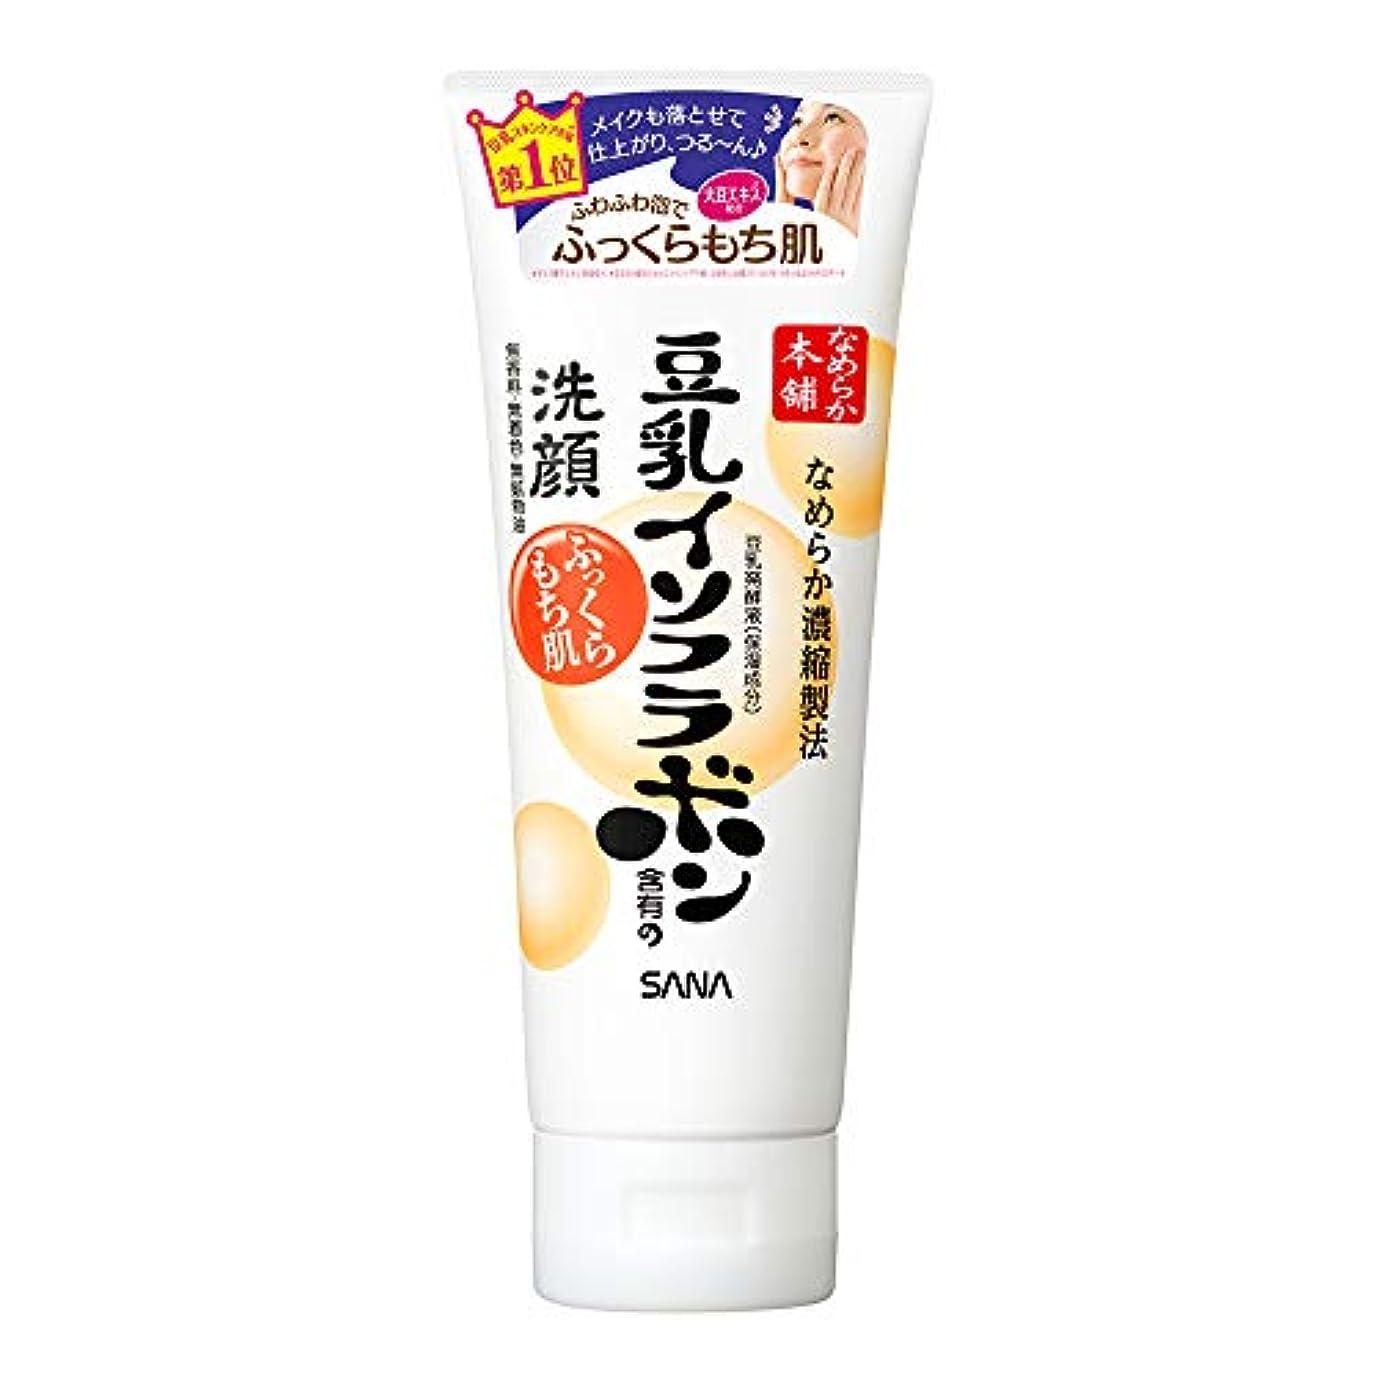 伝える倫理マット【Amazon.co.jp限定】なめらか本舗 クレンジング洗顔 大容量タイプ 200g